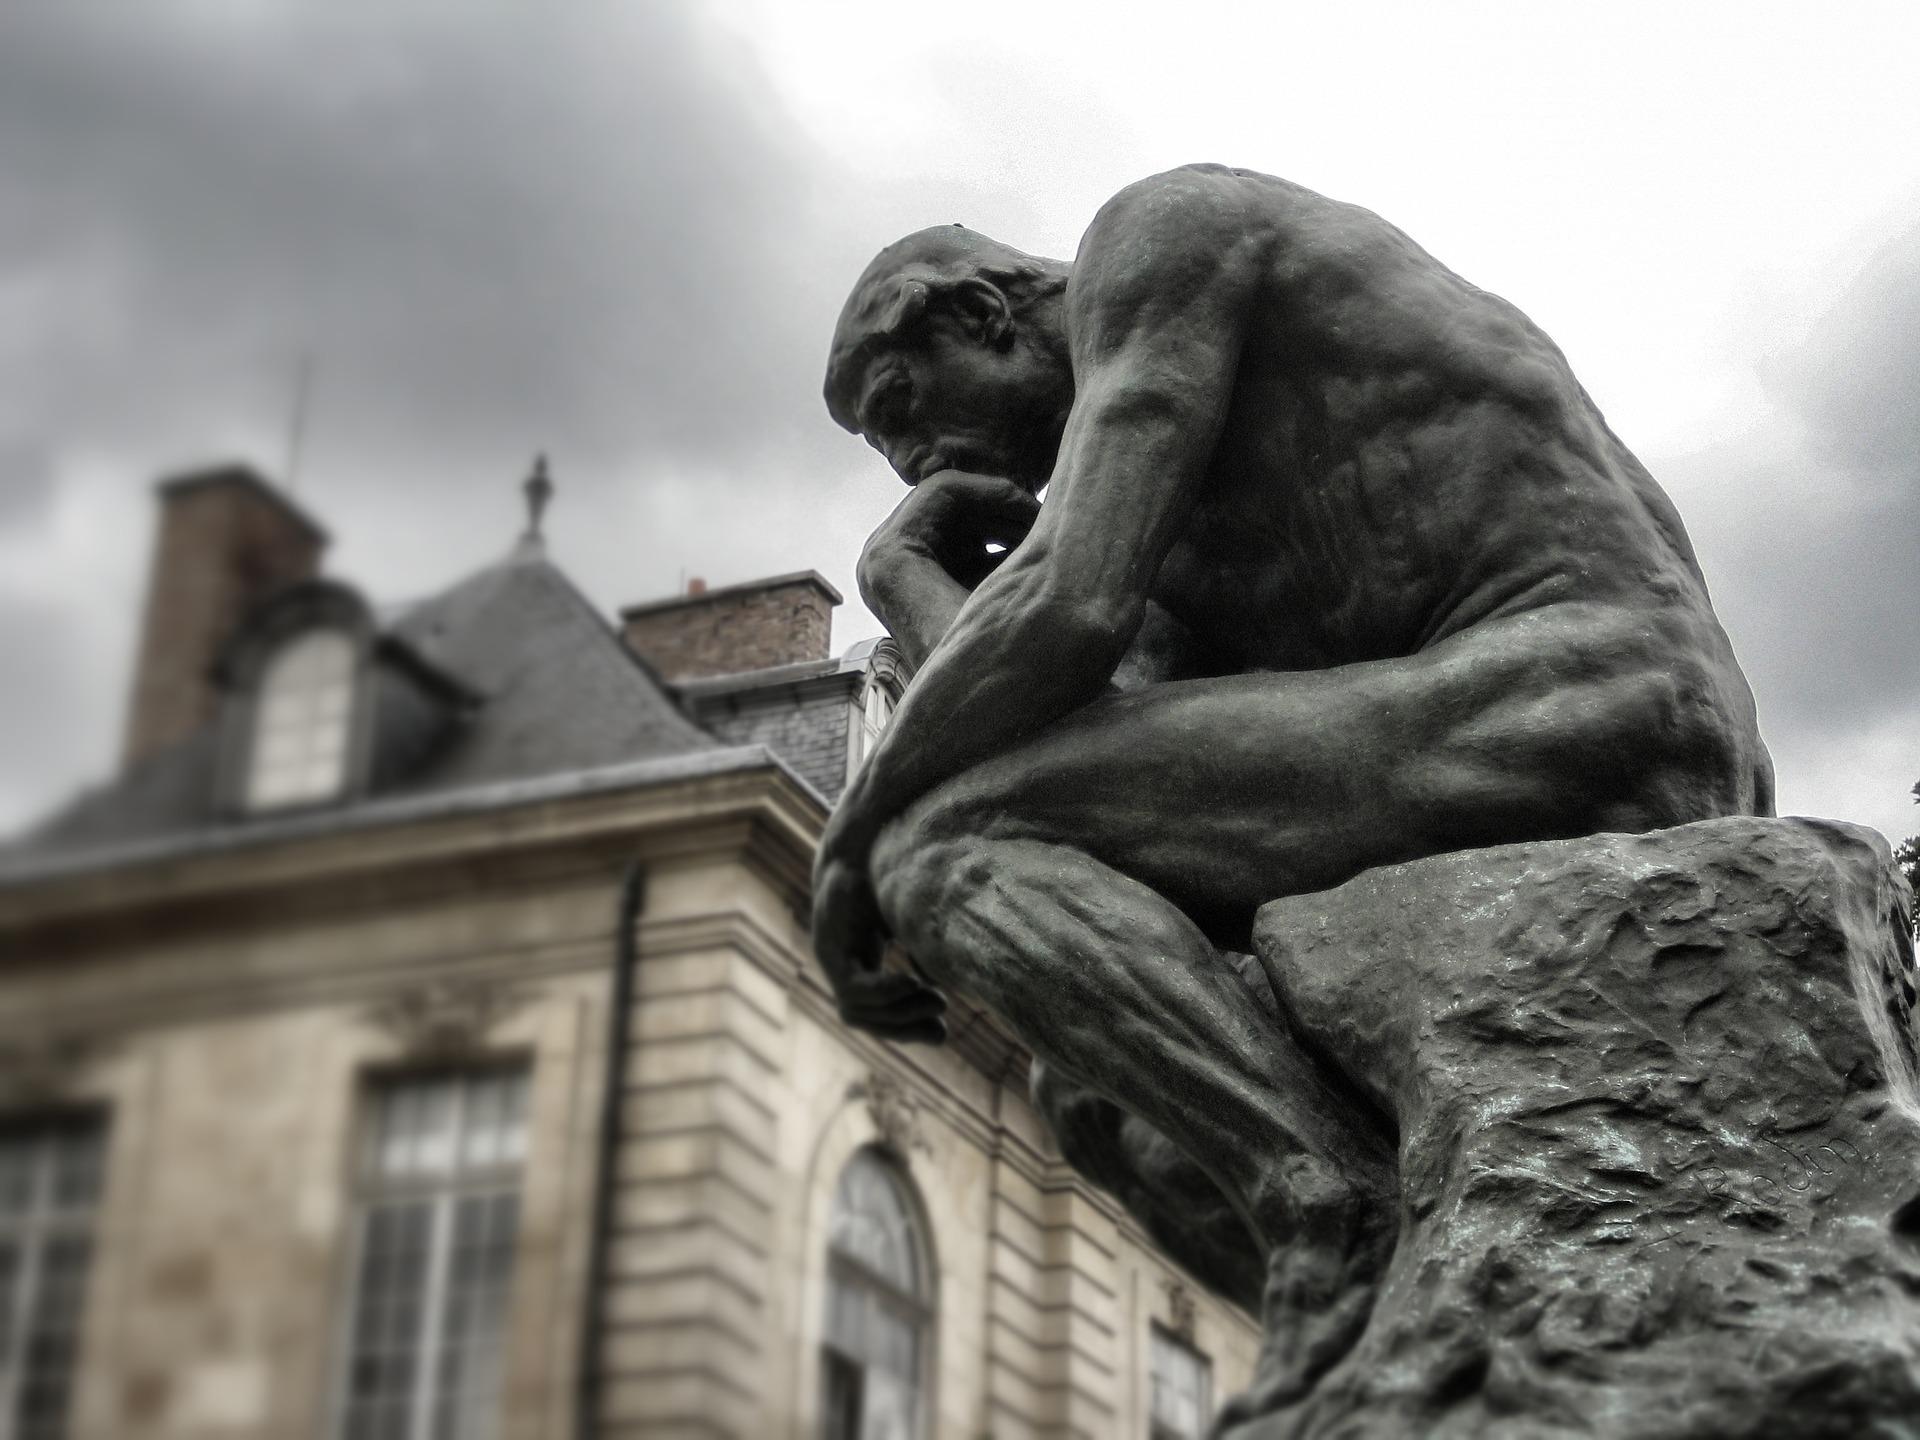 pensamiento-escultura-inself